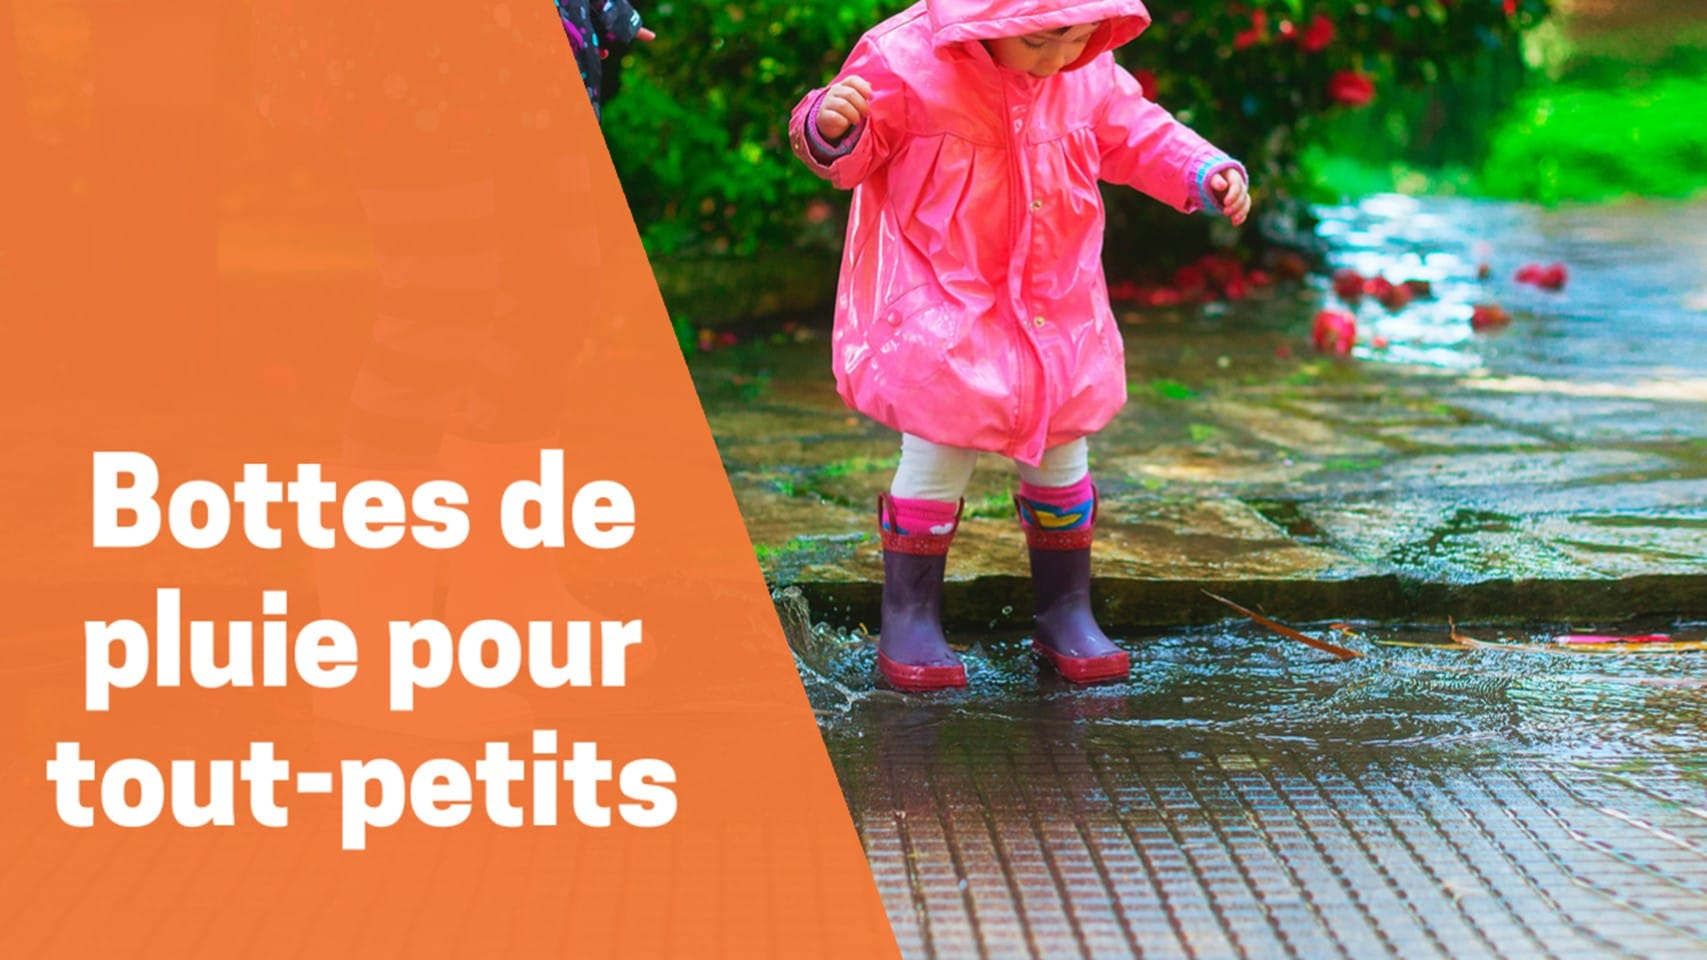 Photo de Meilleures bottes de pluie 2020 pour enfant et tout petit.